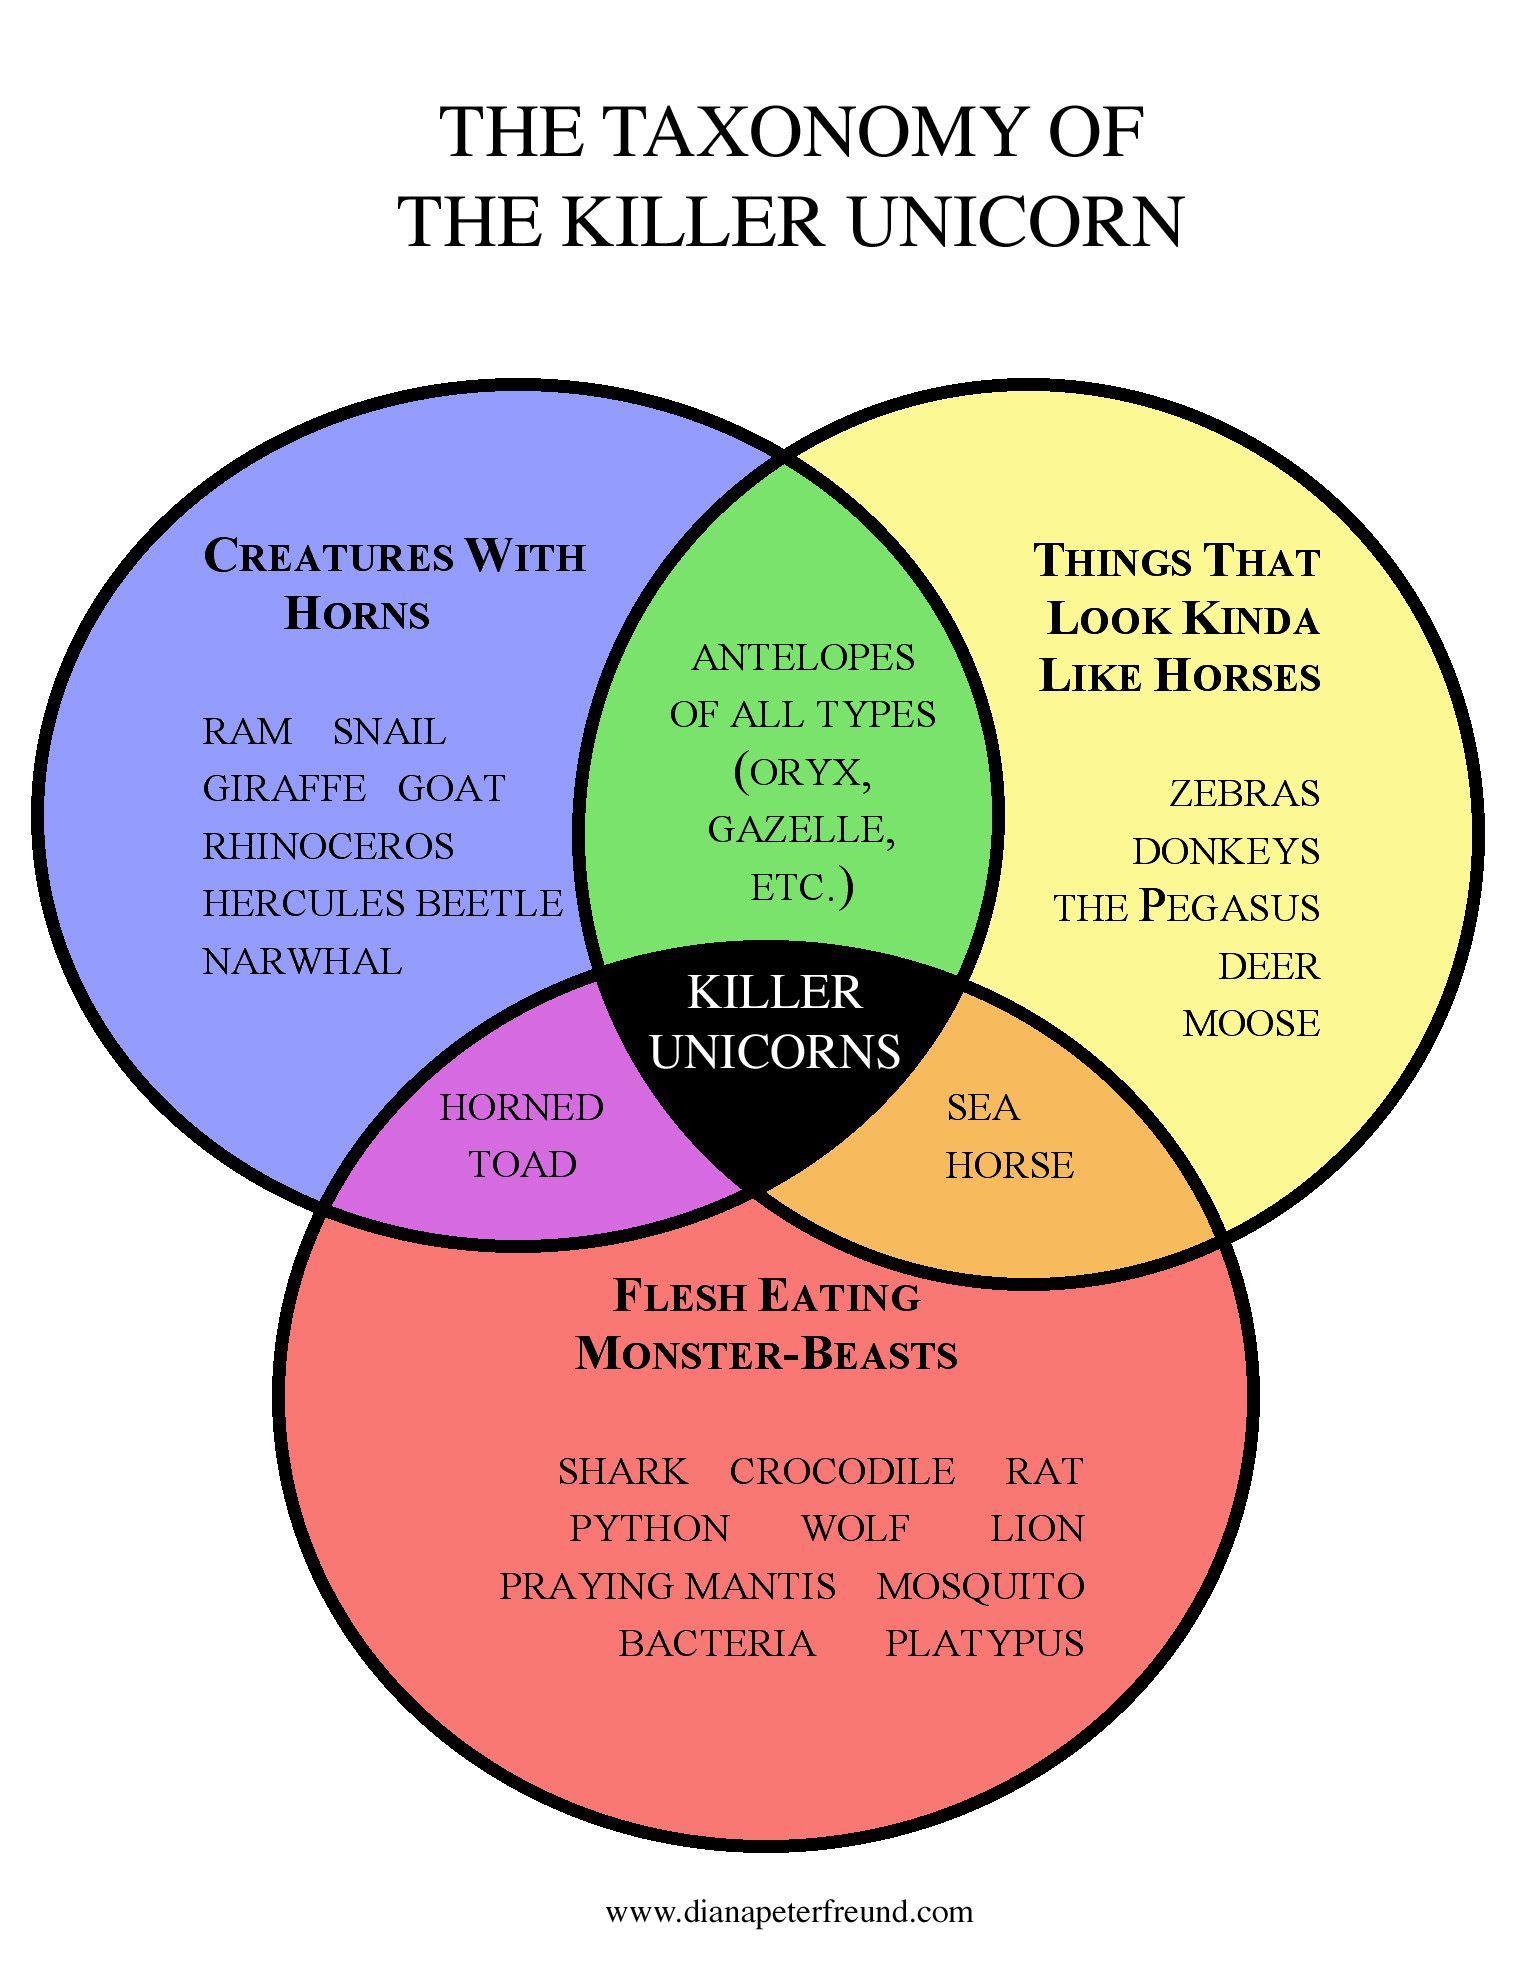 Venn Diagram To Describe Killer Unicorns